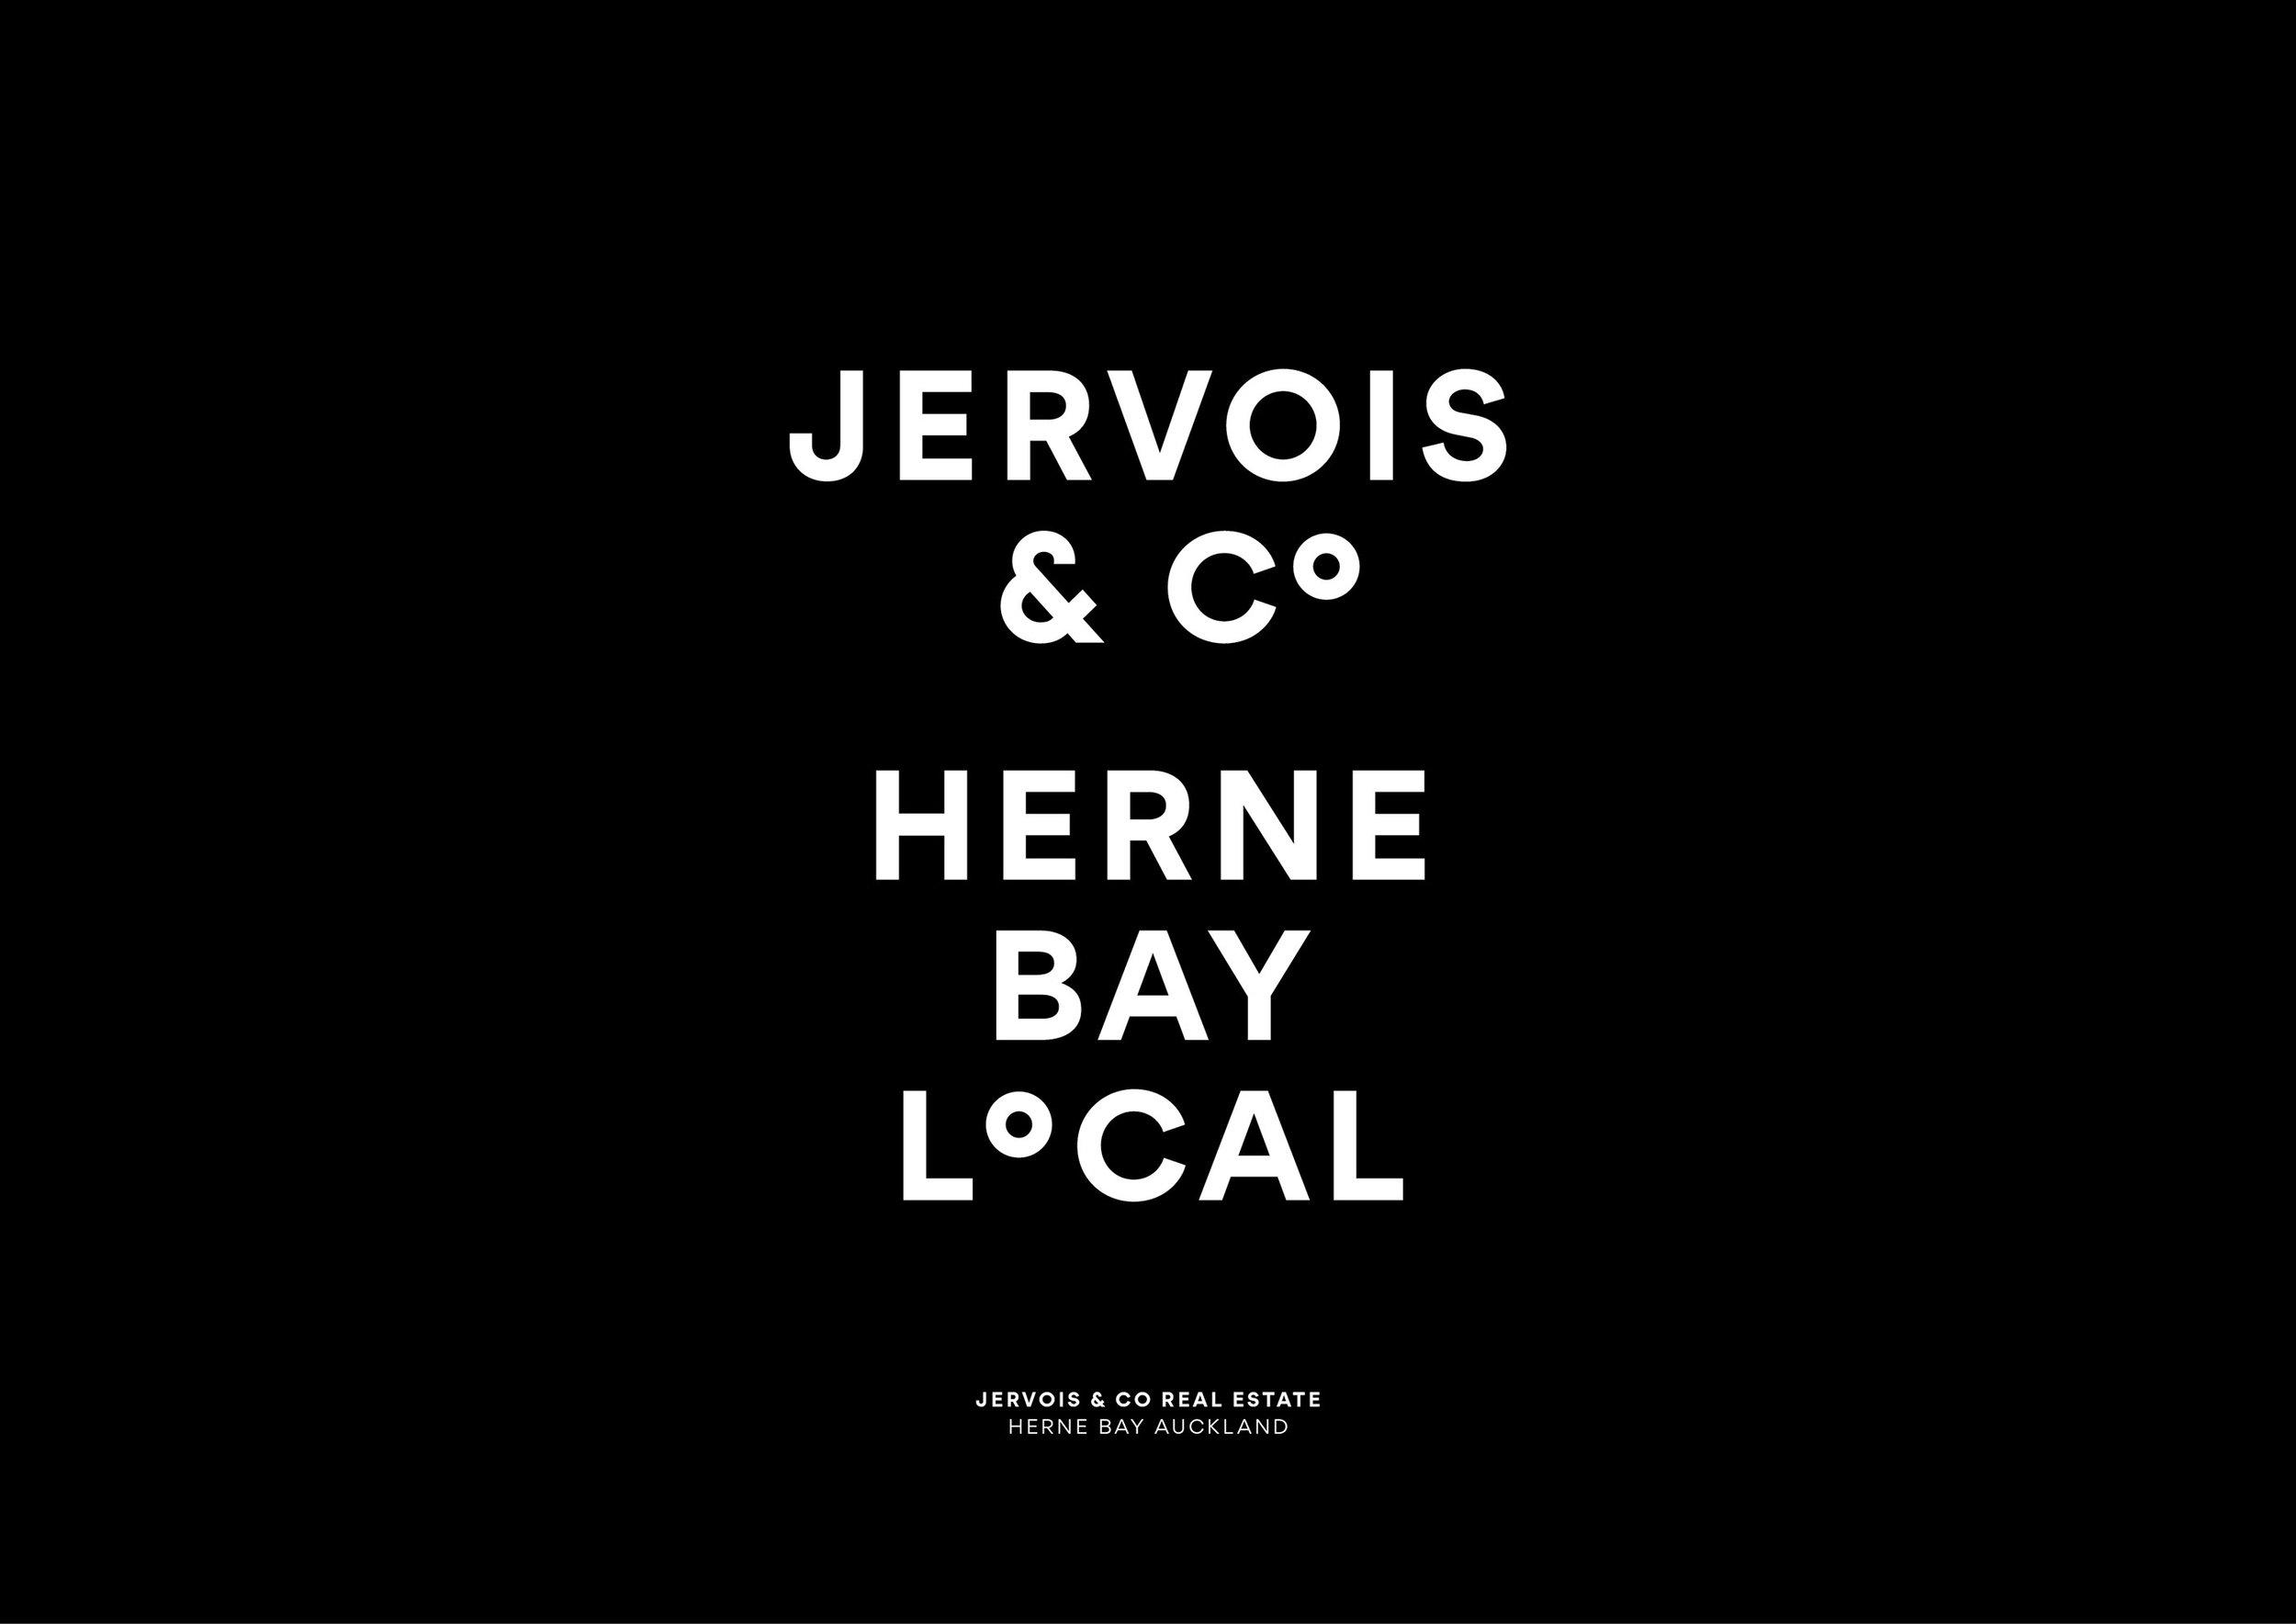 Jervois & Co